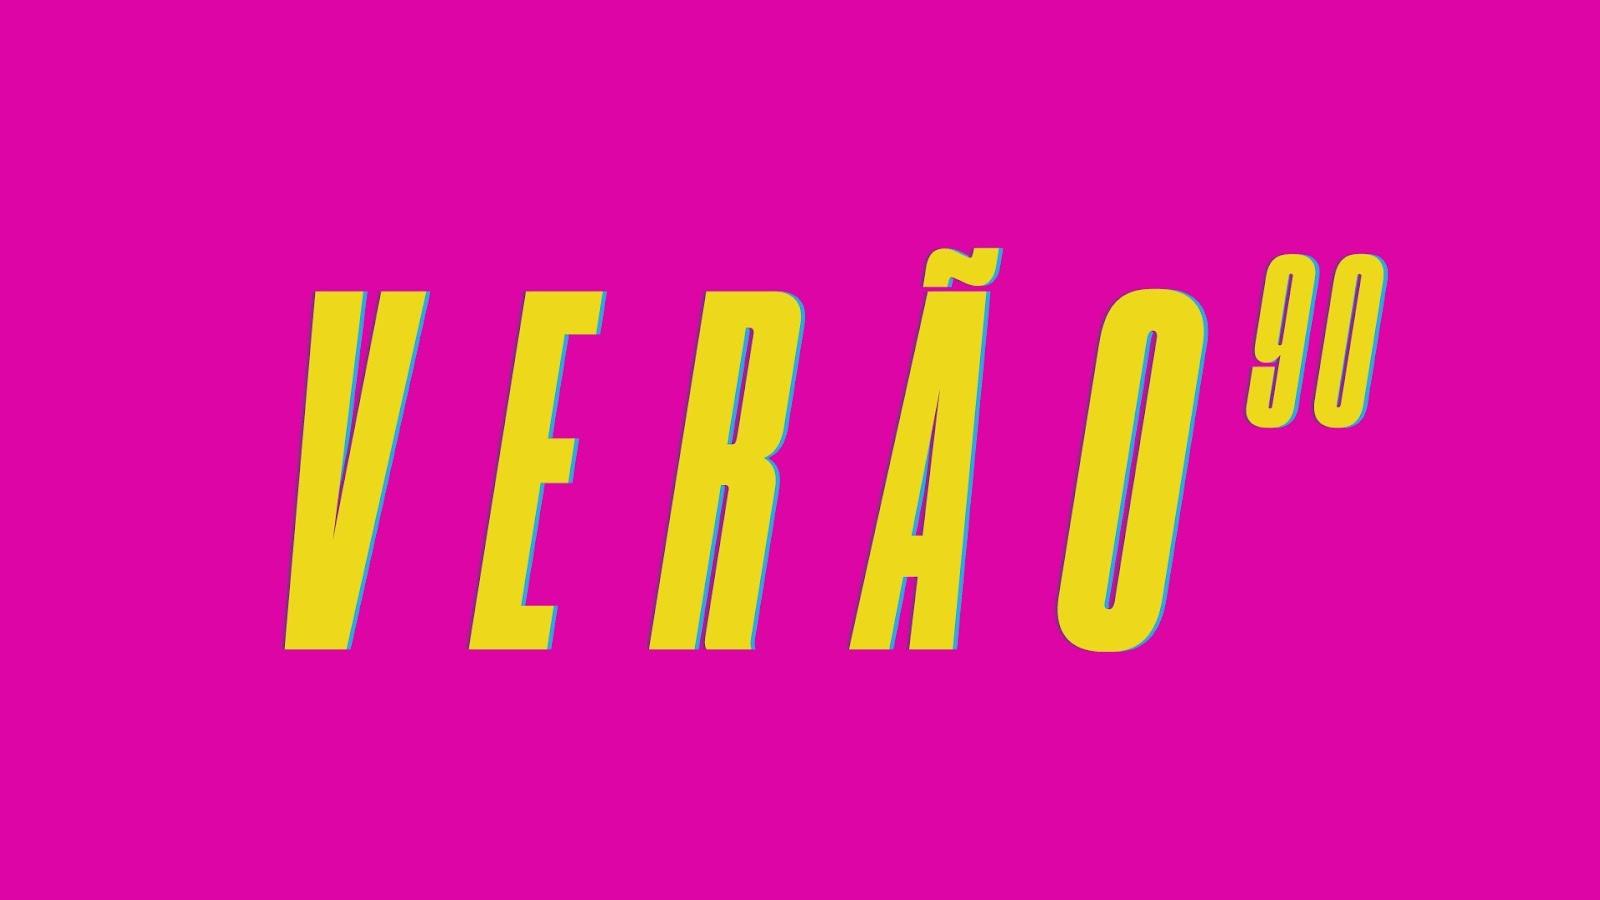 Em abertura de nova novela, emissora revive obras de seu próprio acervo e clássicos que vão de Nirvana ao Silvio Santos.